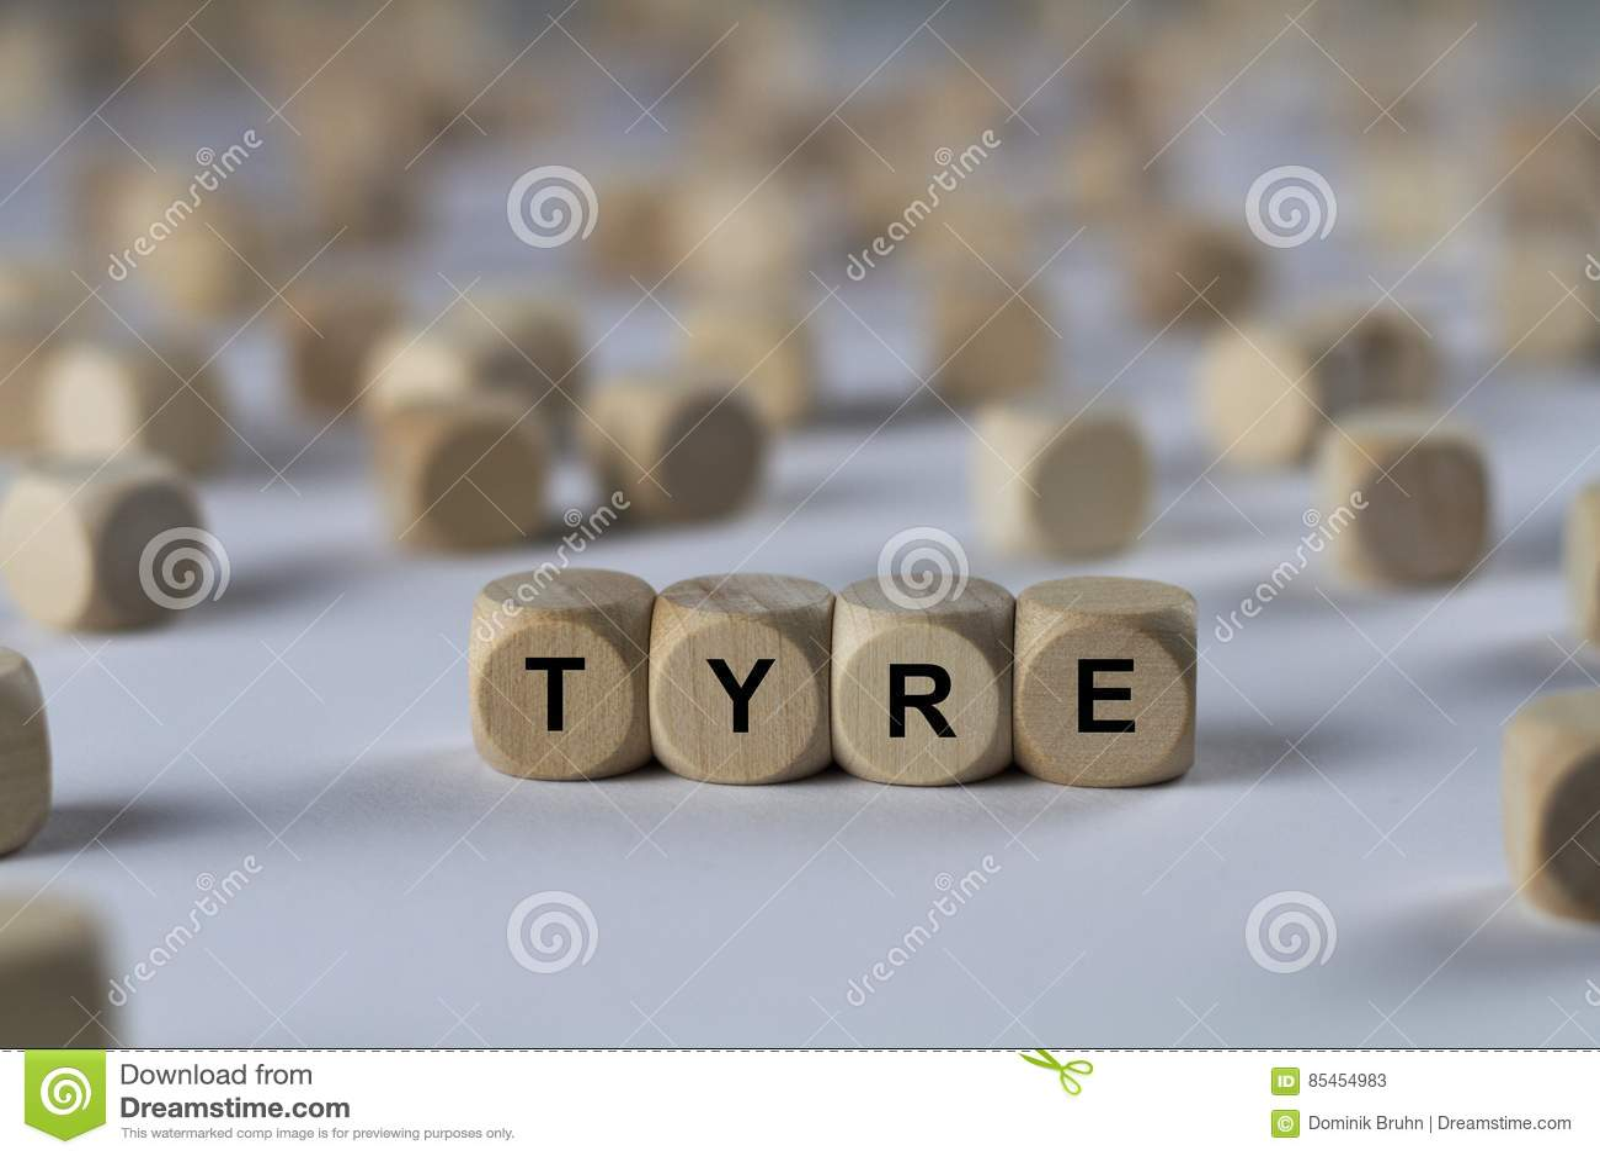 Reifen - Würfel mit Buchstaben, Zeichen mit hölzernen Würfeln